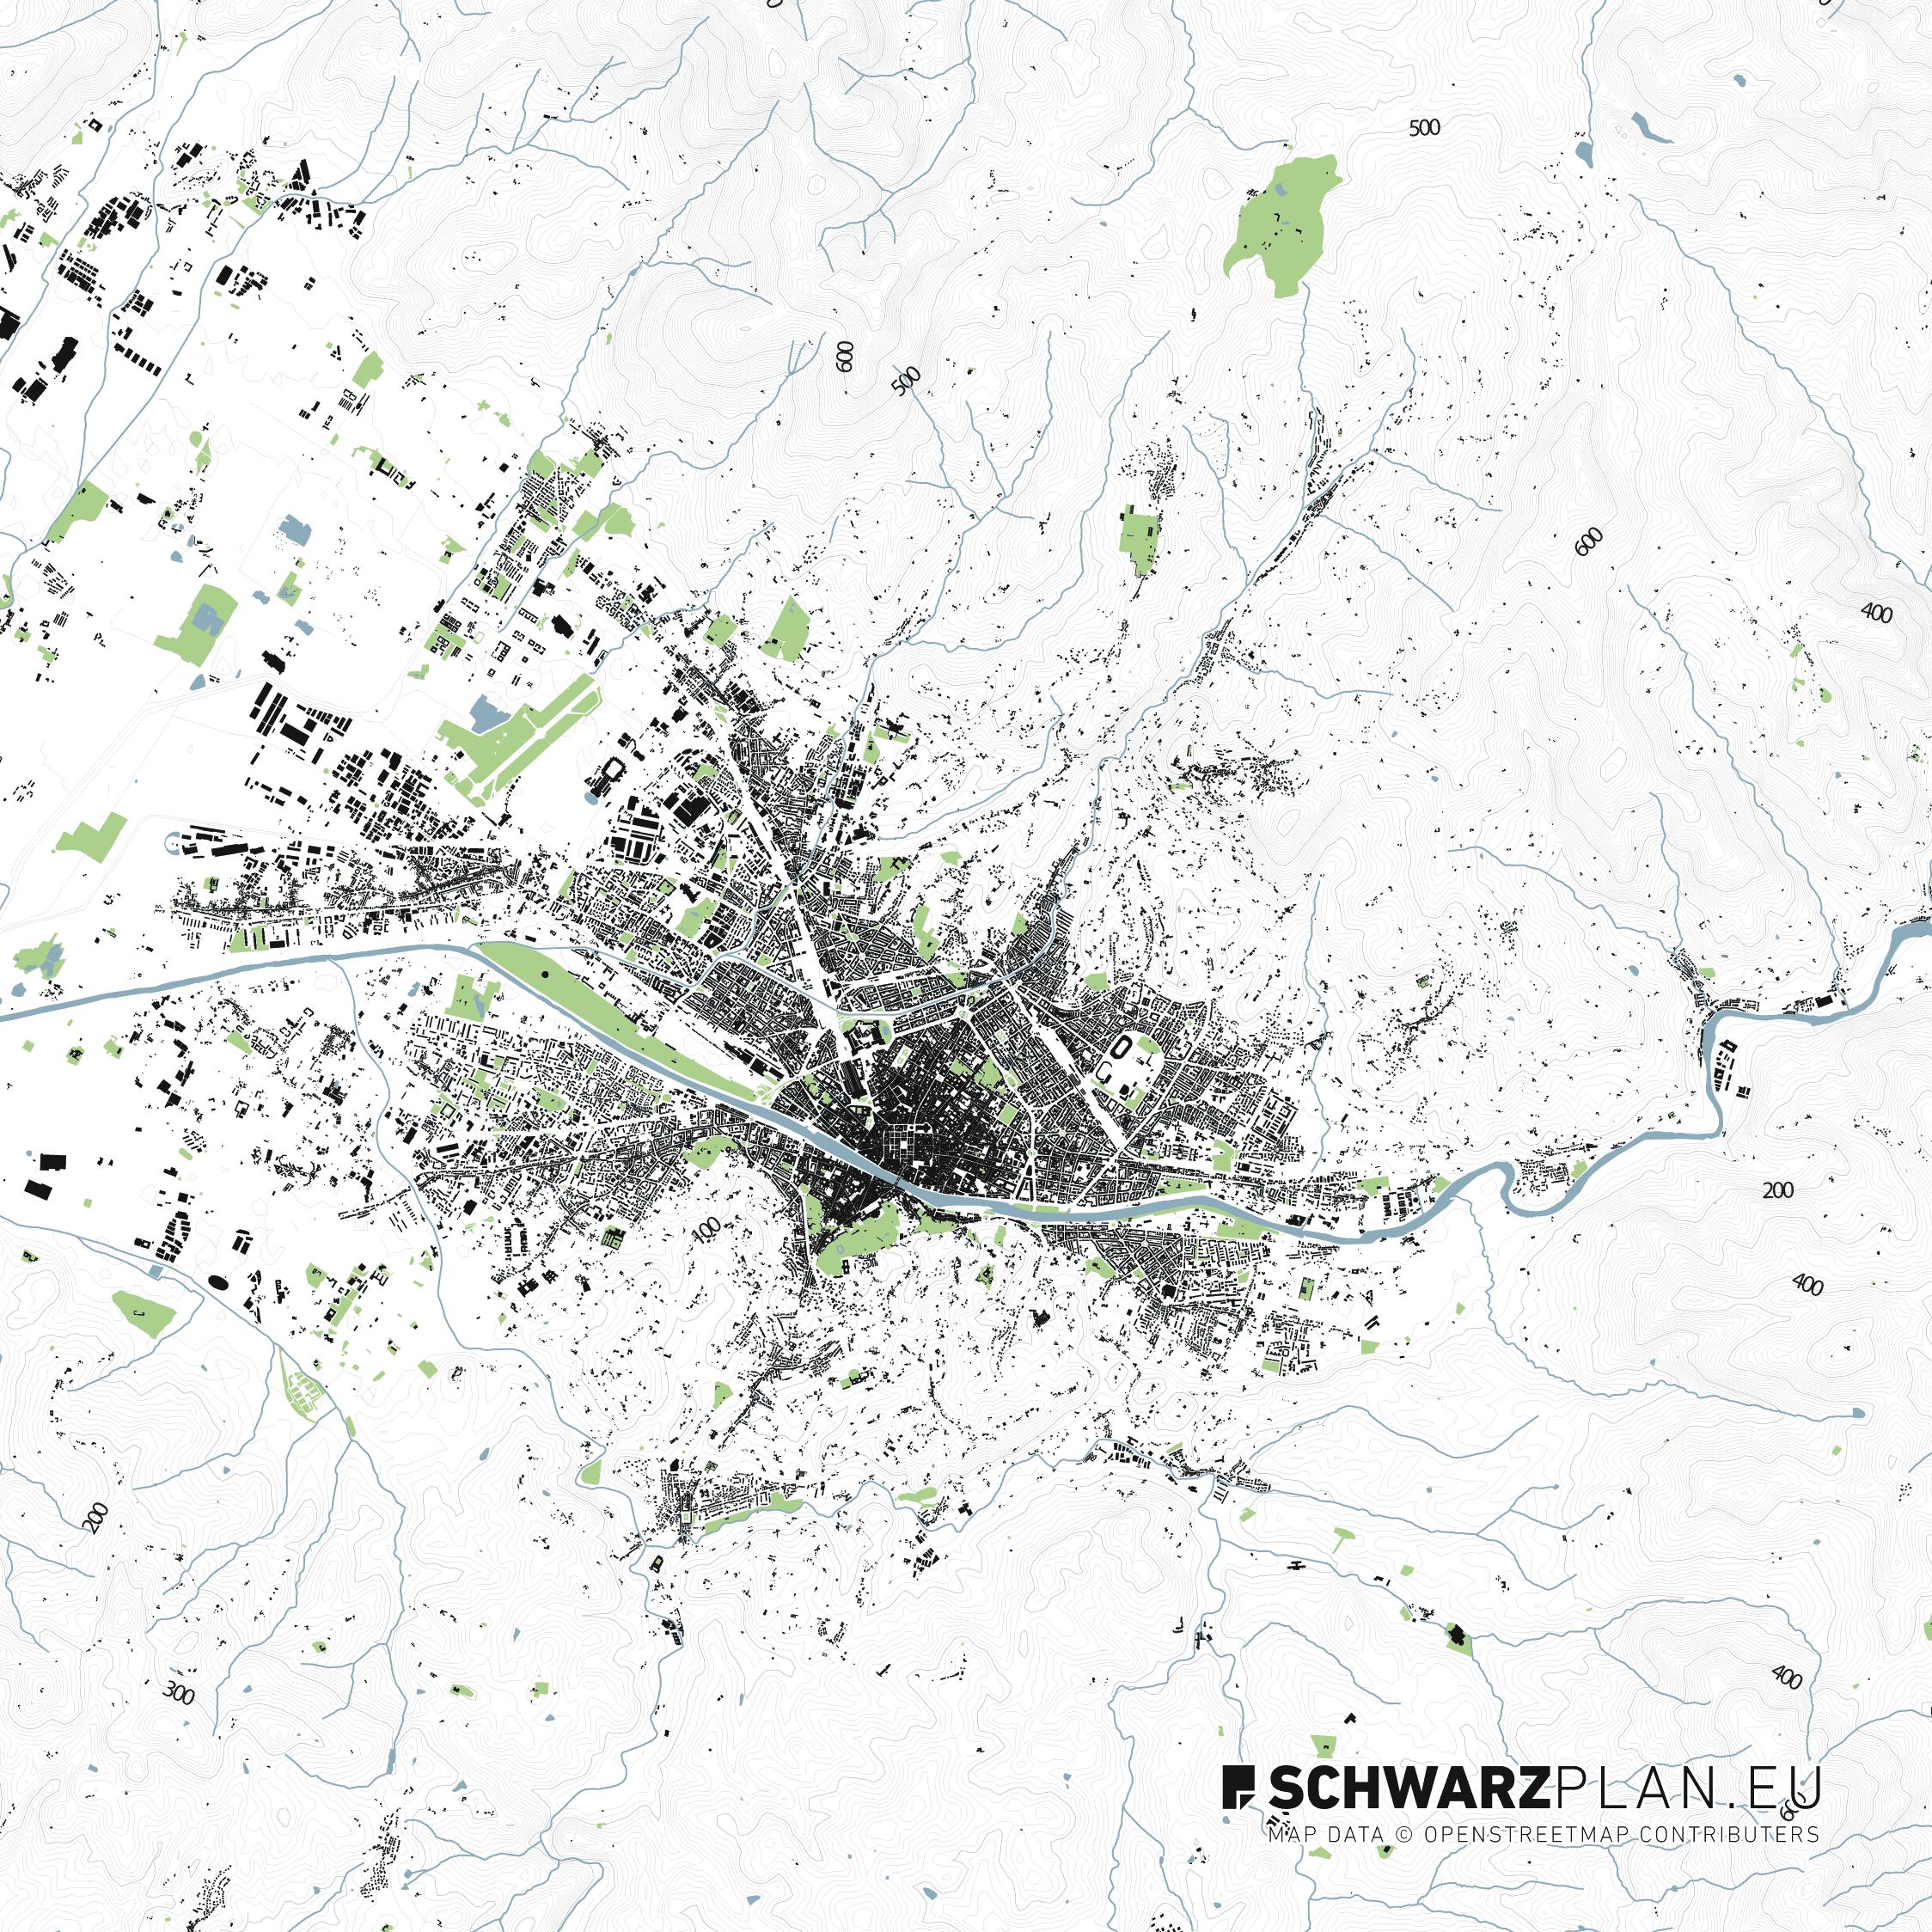 Lageplan von Florenz in Italien